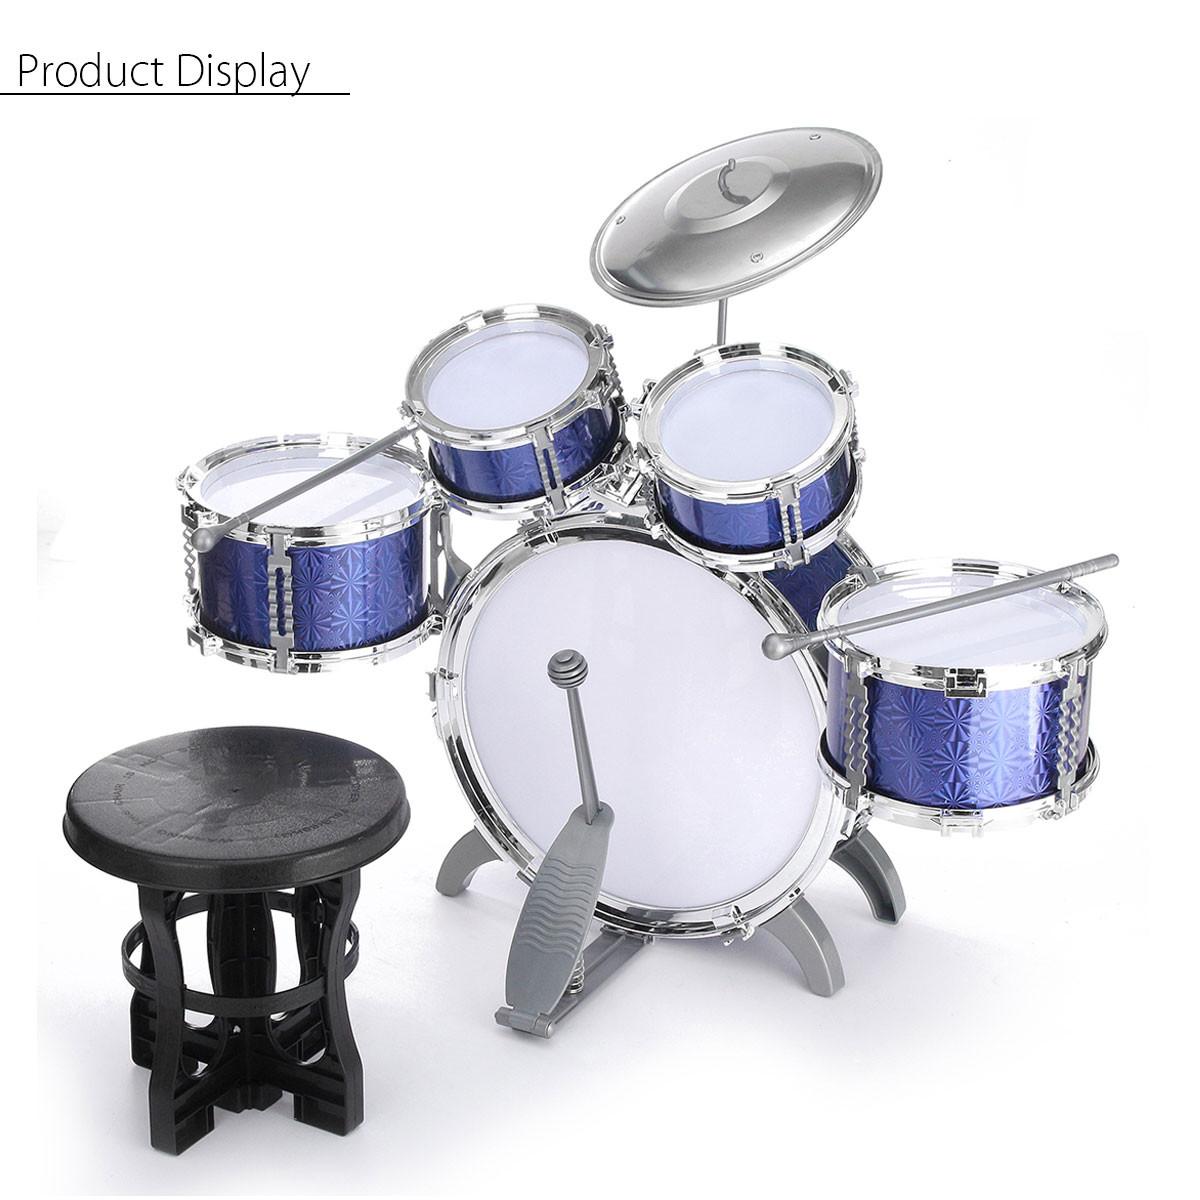 child kids blue drum set 5 piece junior complete starter kit with stool sticks 6134561719577 ebay. Black Bedroom Furniture Sets. Home Design Ideas